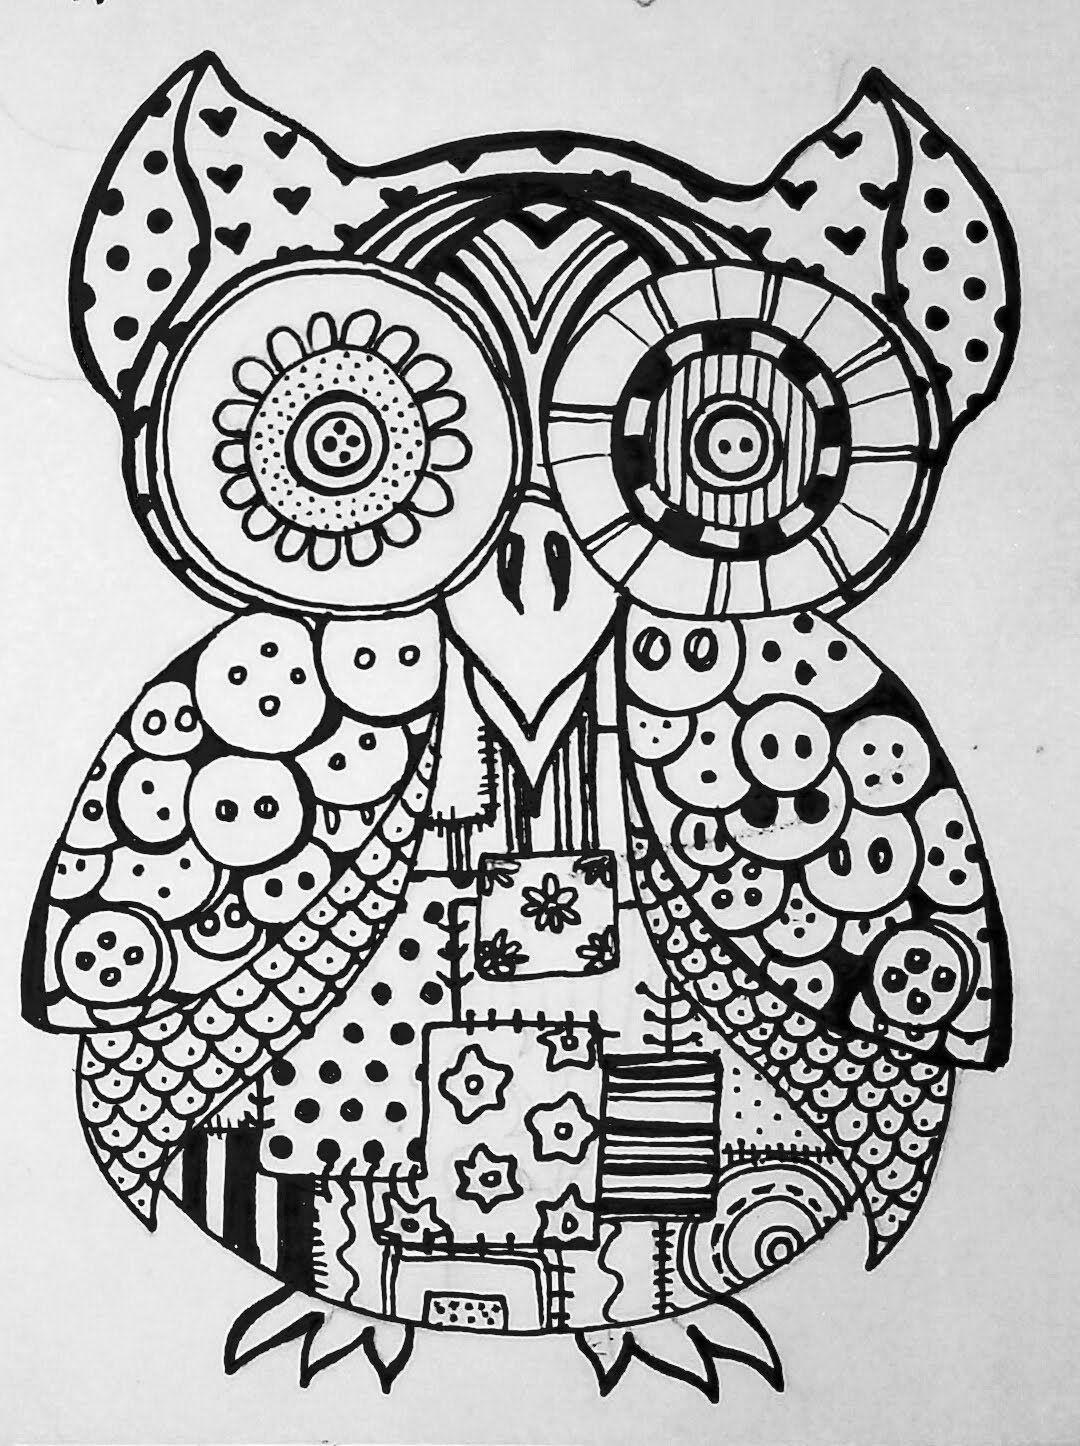 Owlg pixlar アート pinterest graffiti murals